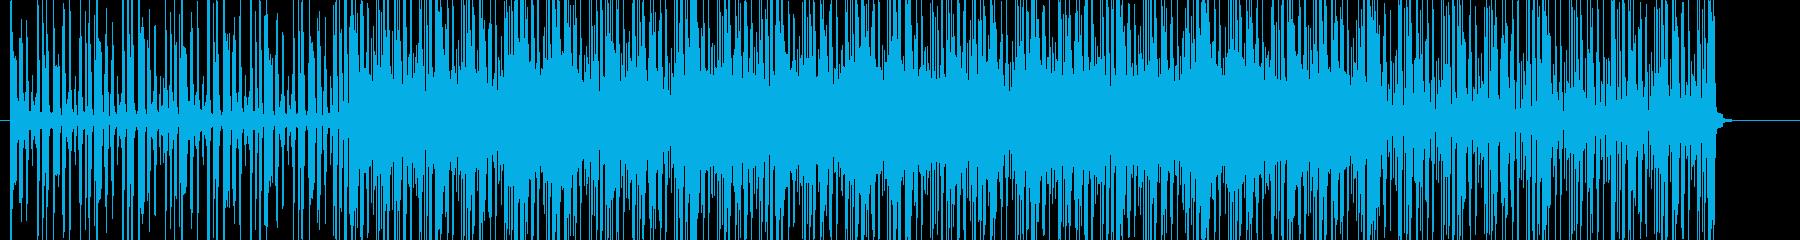 お洒落でかっこいいクラブジャズBGMの再生済みの波形